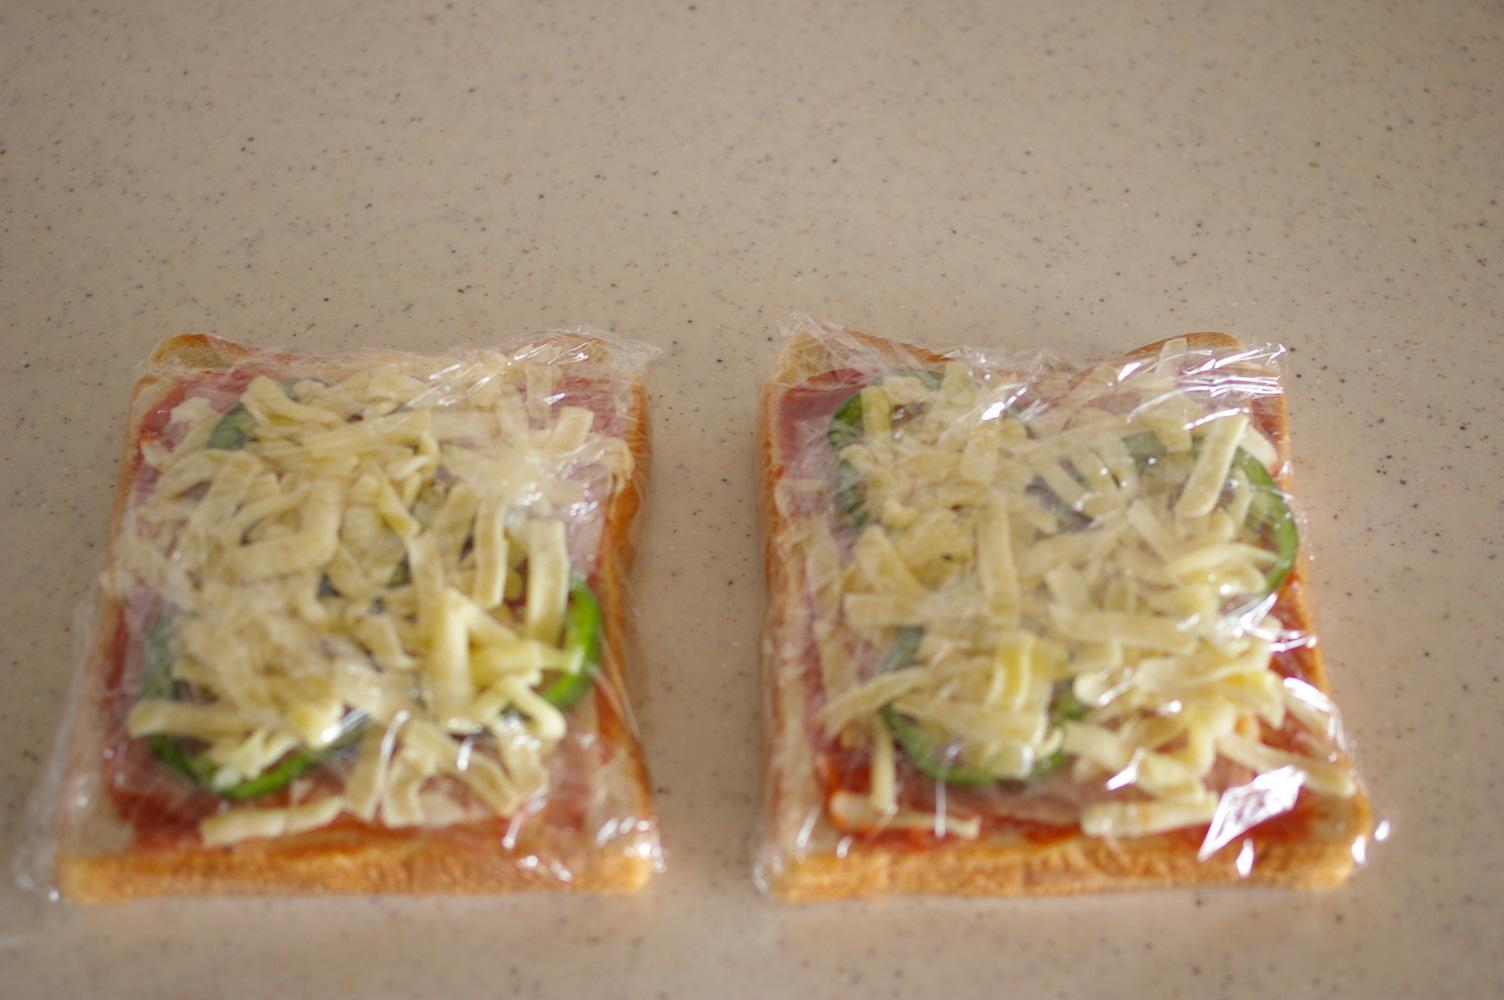 基本の冷凍ピザパン【レシピ】_d0327373_17434706.jpg